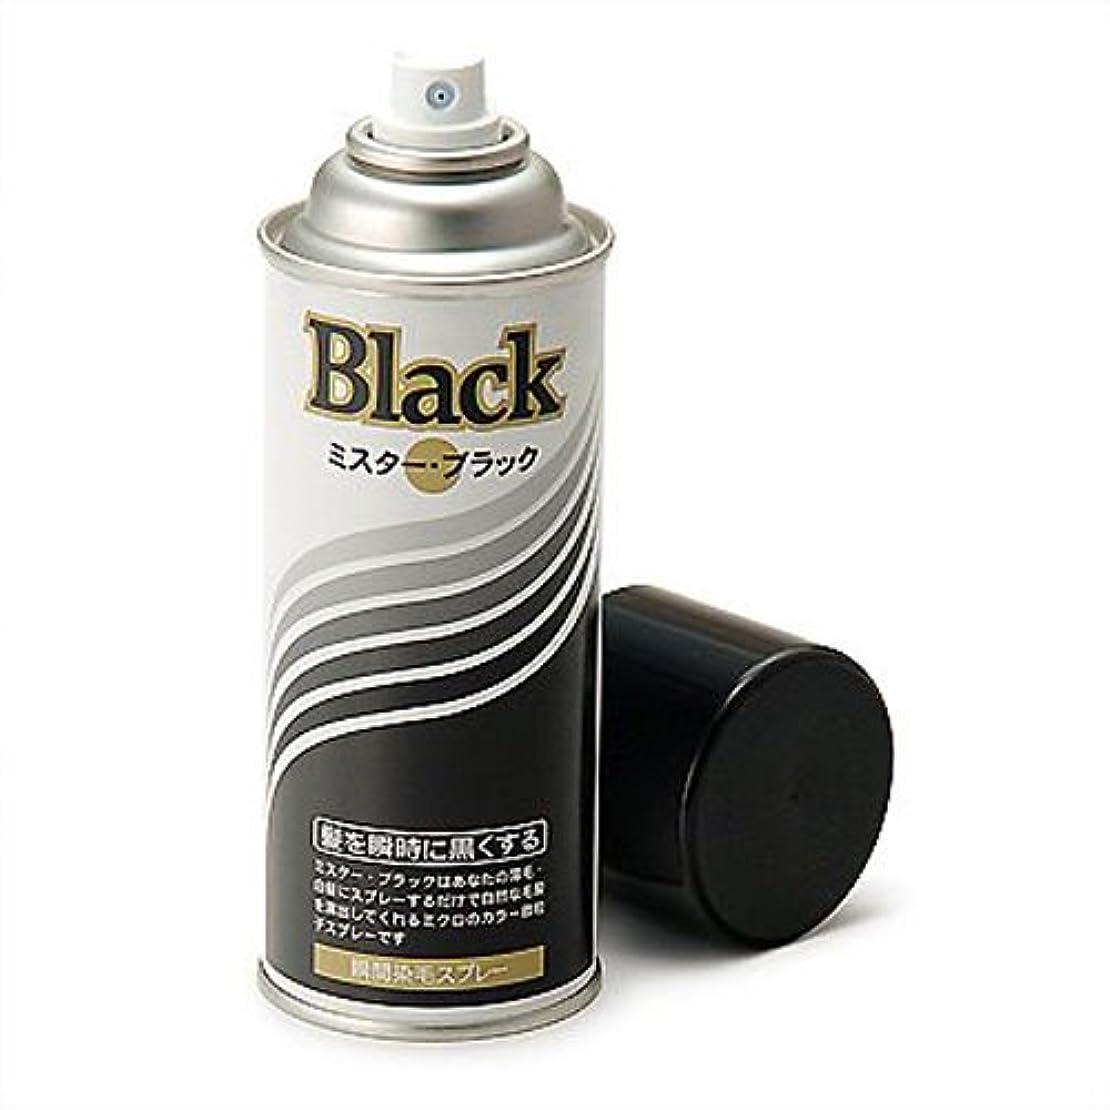 静的不適うま増毛スプレー剤で薄毛を瞬時で増毛にするミスターブラック1本